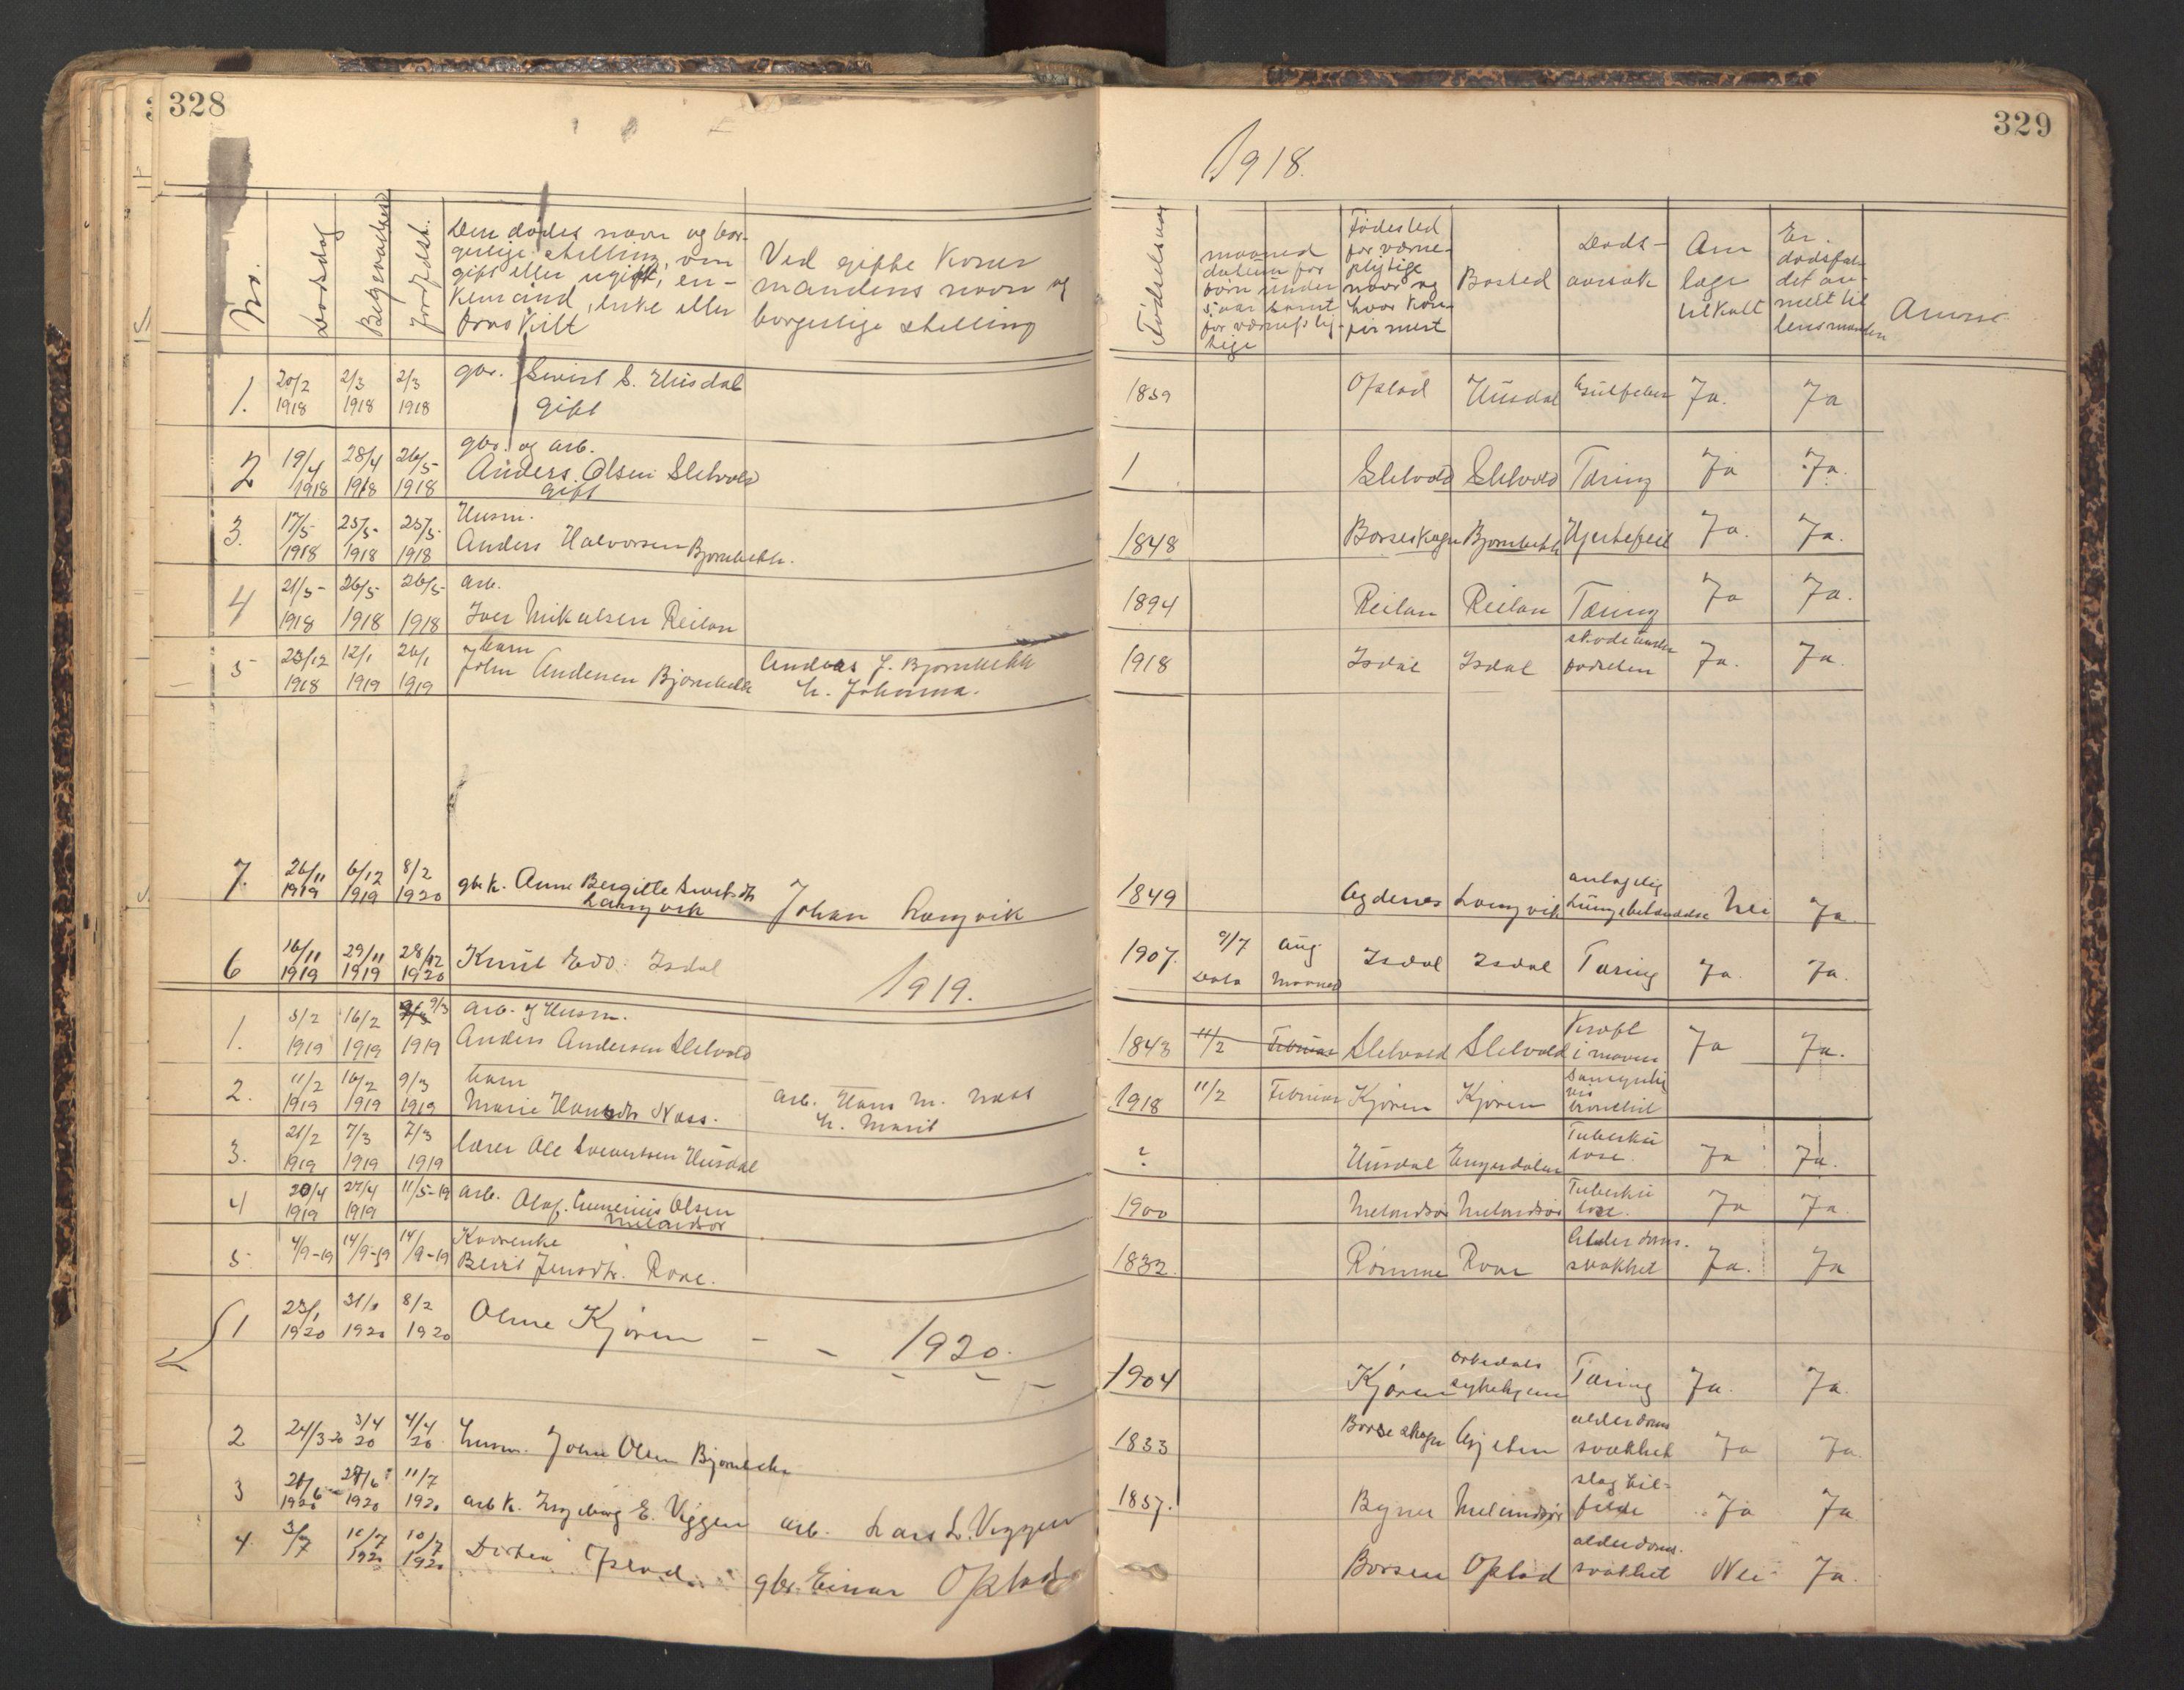 SAT, Ministerialprotokoller, klokkerbøker og fødselsregistre - Sør-Trøndelag, 670/L0837: Klokkerbok nr. 670C01, 1905-1946, s. 328-329